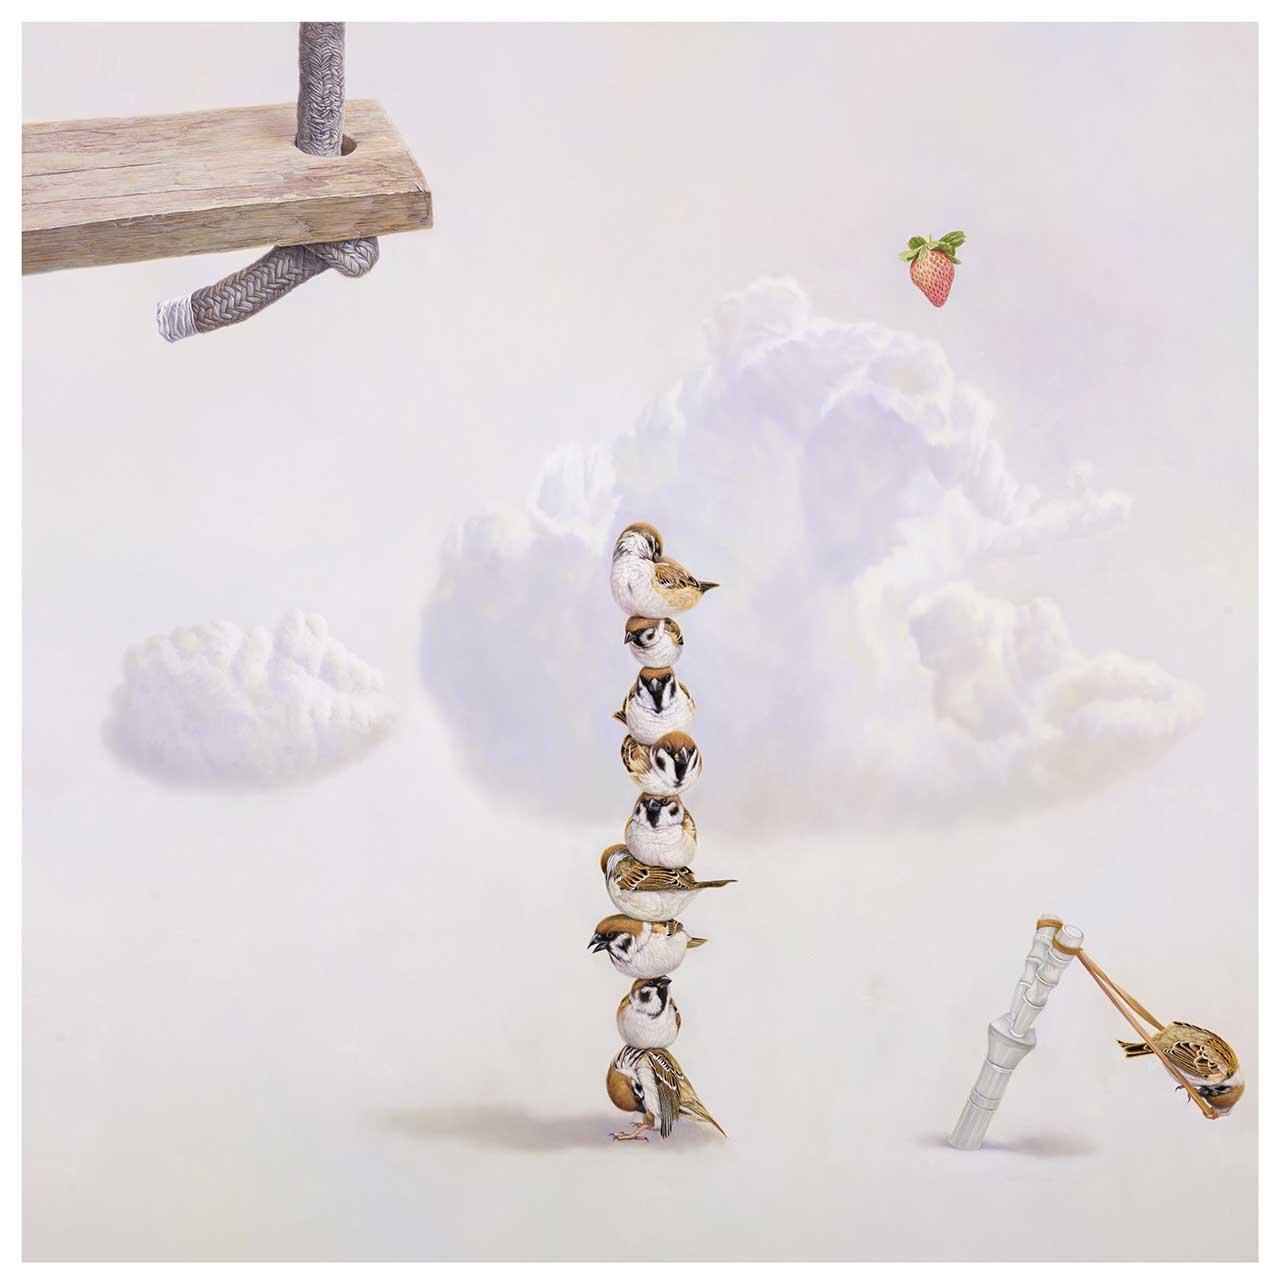 黄颐胜 堆砌的梦想 油彩画布 100x100cm